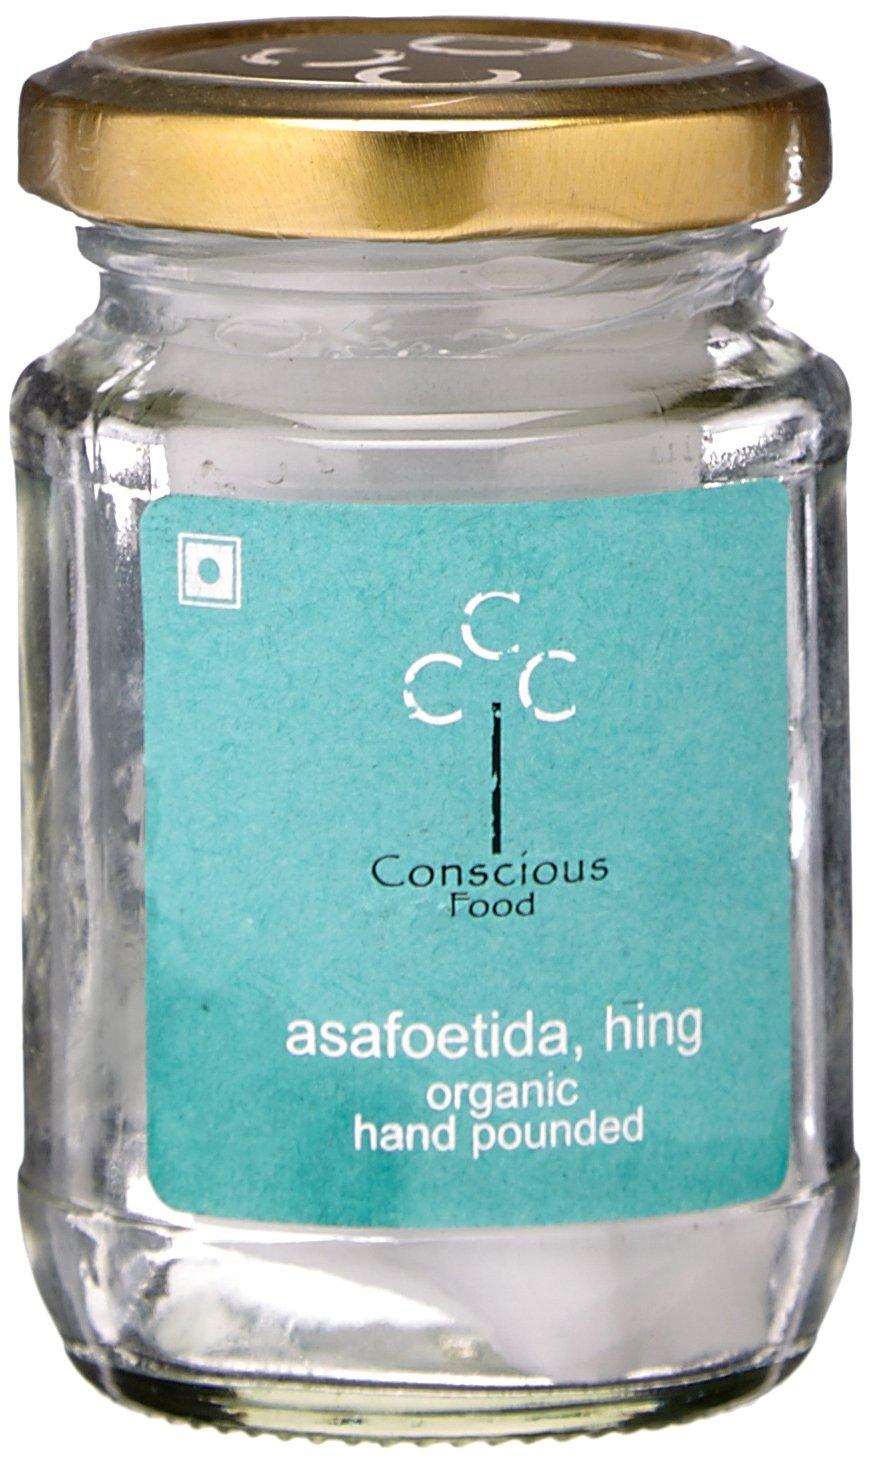 Conscious Food Organic Asafoetida (Hing), 10g